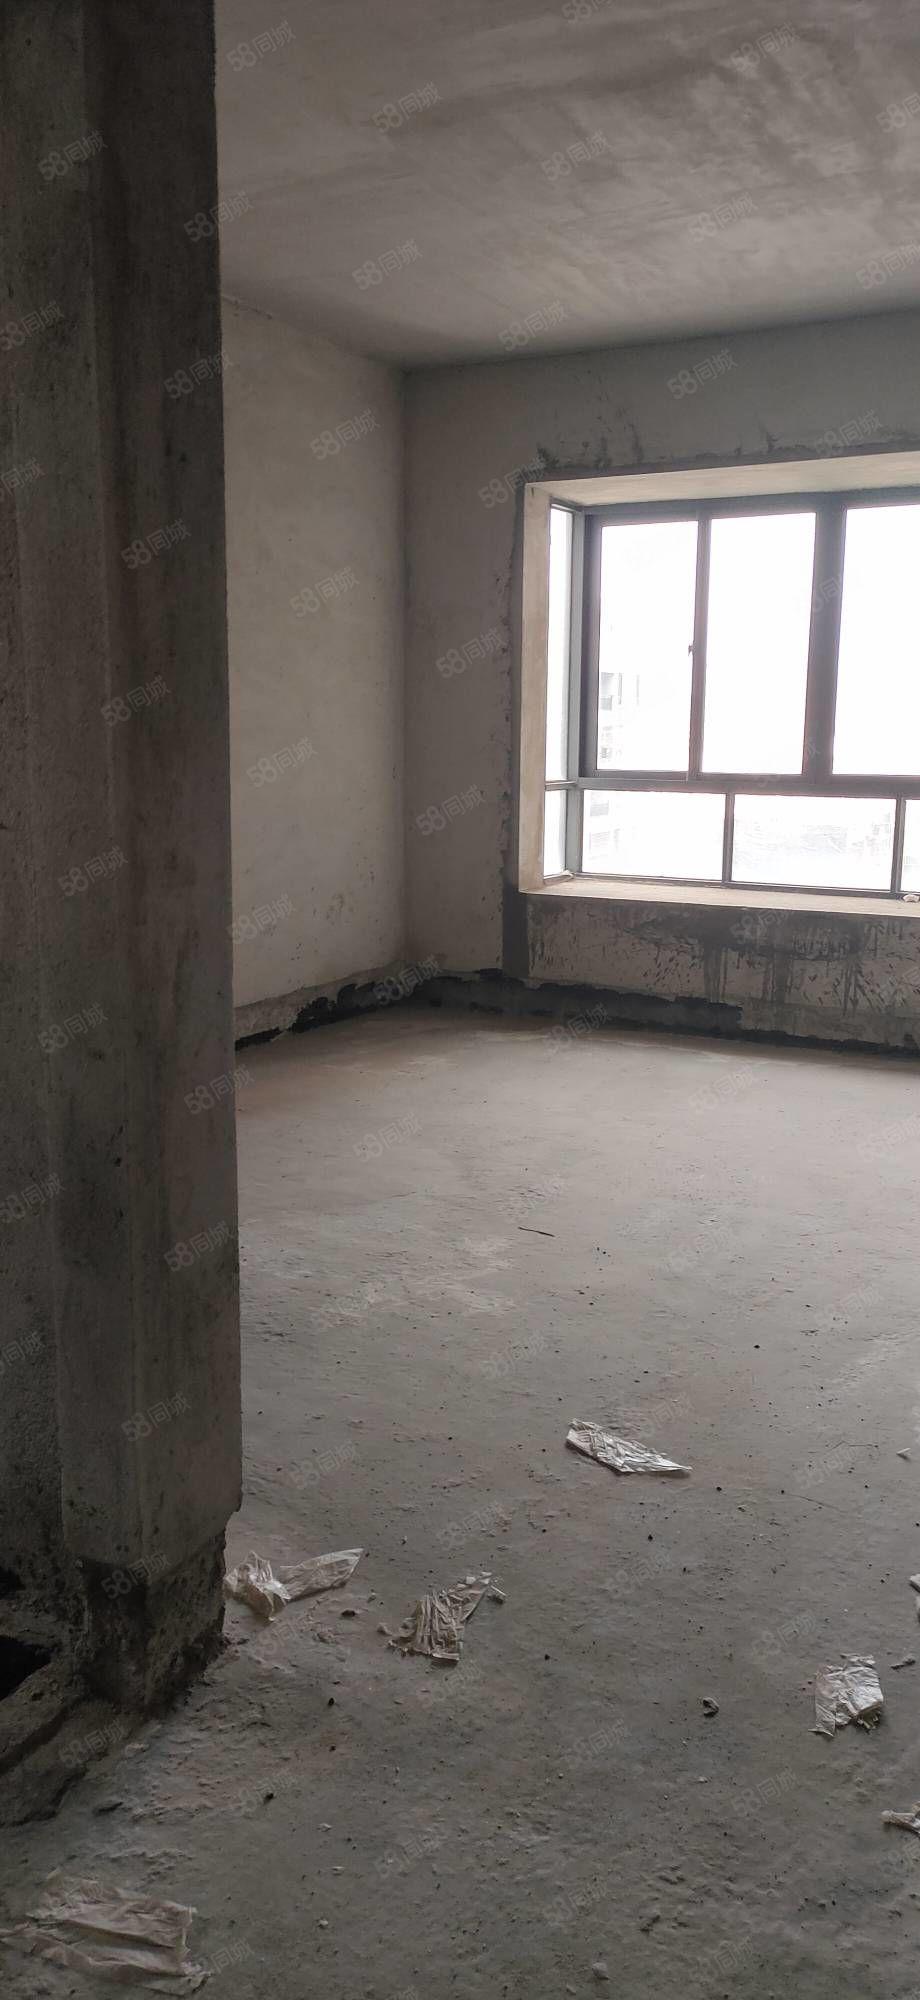 嘉燕高层南向三房一口价5800一方